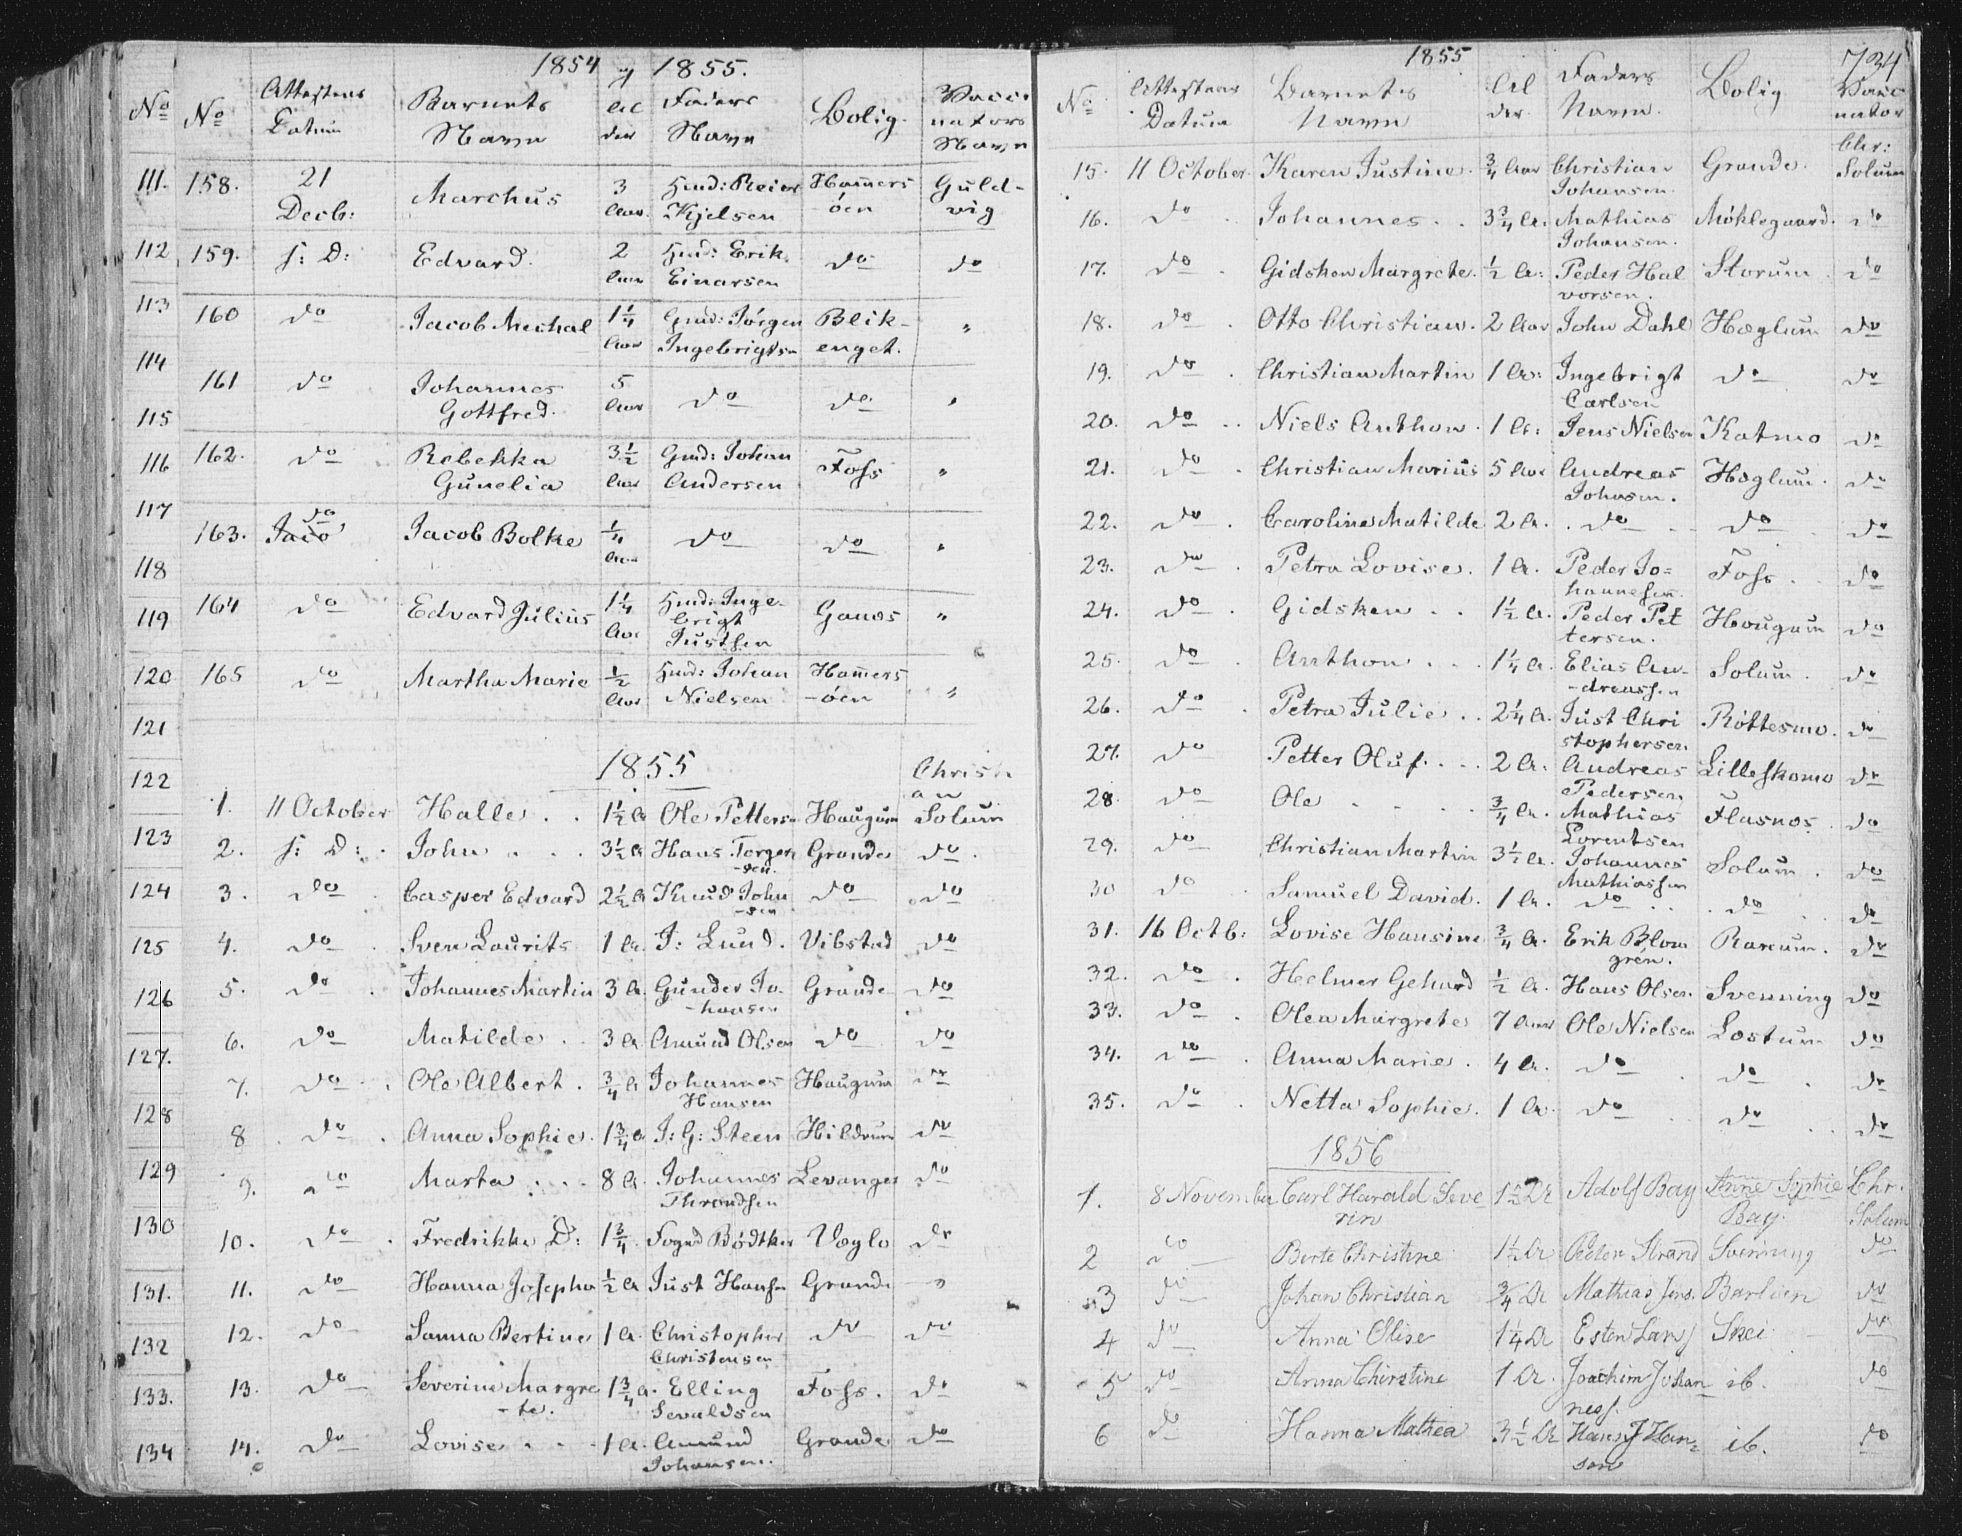 SAT, Ministerialprotokoller, klokkerbøker og fødselsregistre - Nord-Trøndelag, 764/L0552: Ministerialbok nr. 764A07b, 1824-1865, s. 734